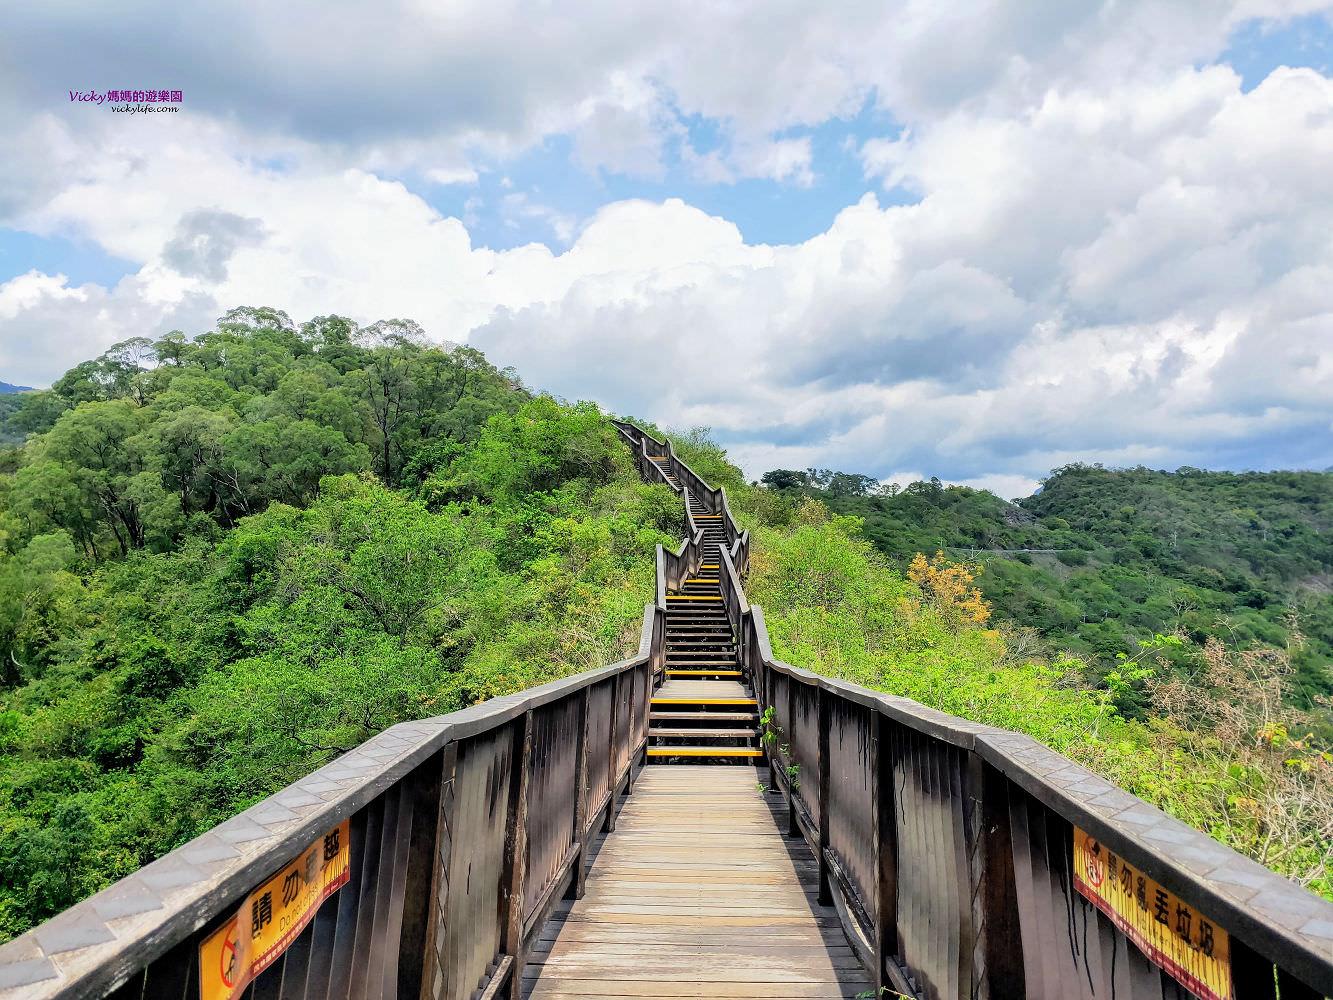 高雄茂林一日遊:小長城步道、龍頭山遊憩區、龍頭山望夫崖、多納高吊橋,賞景大滿足